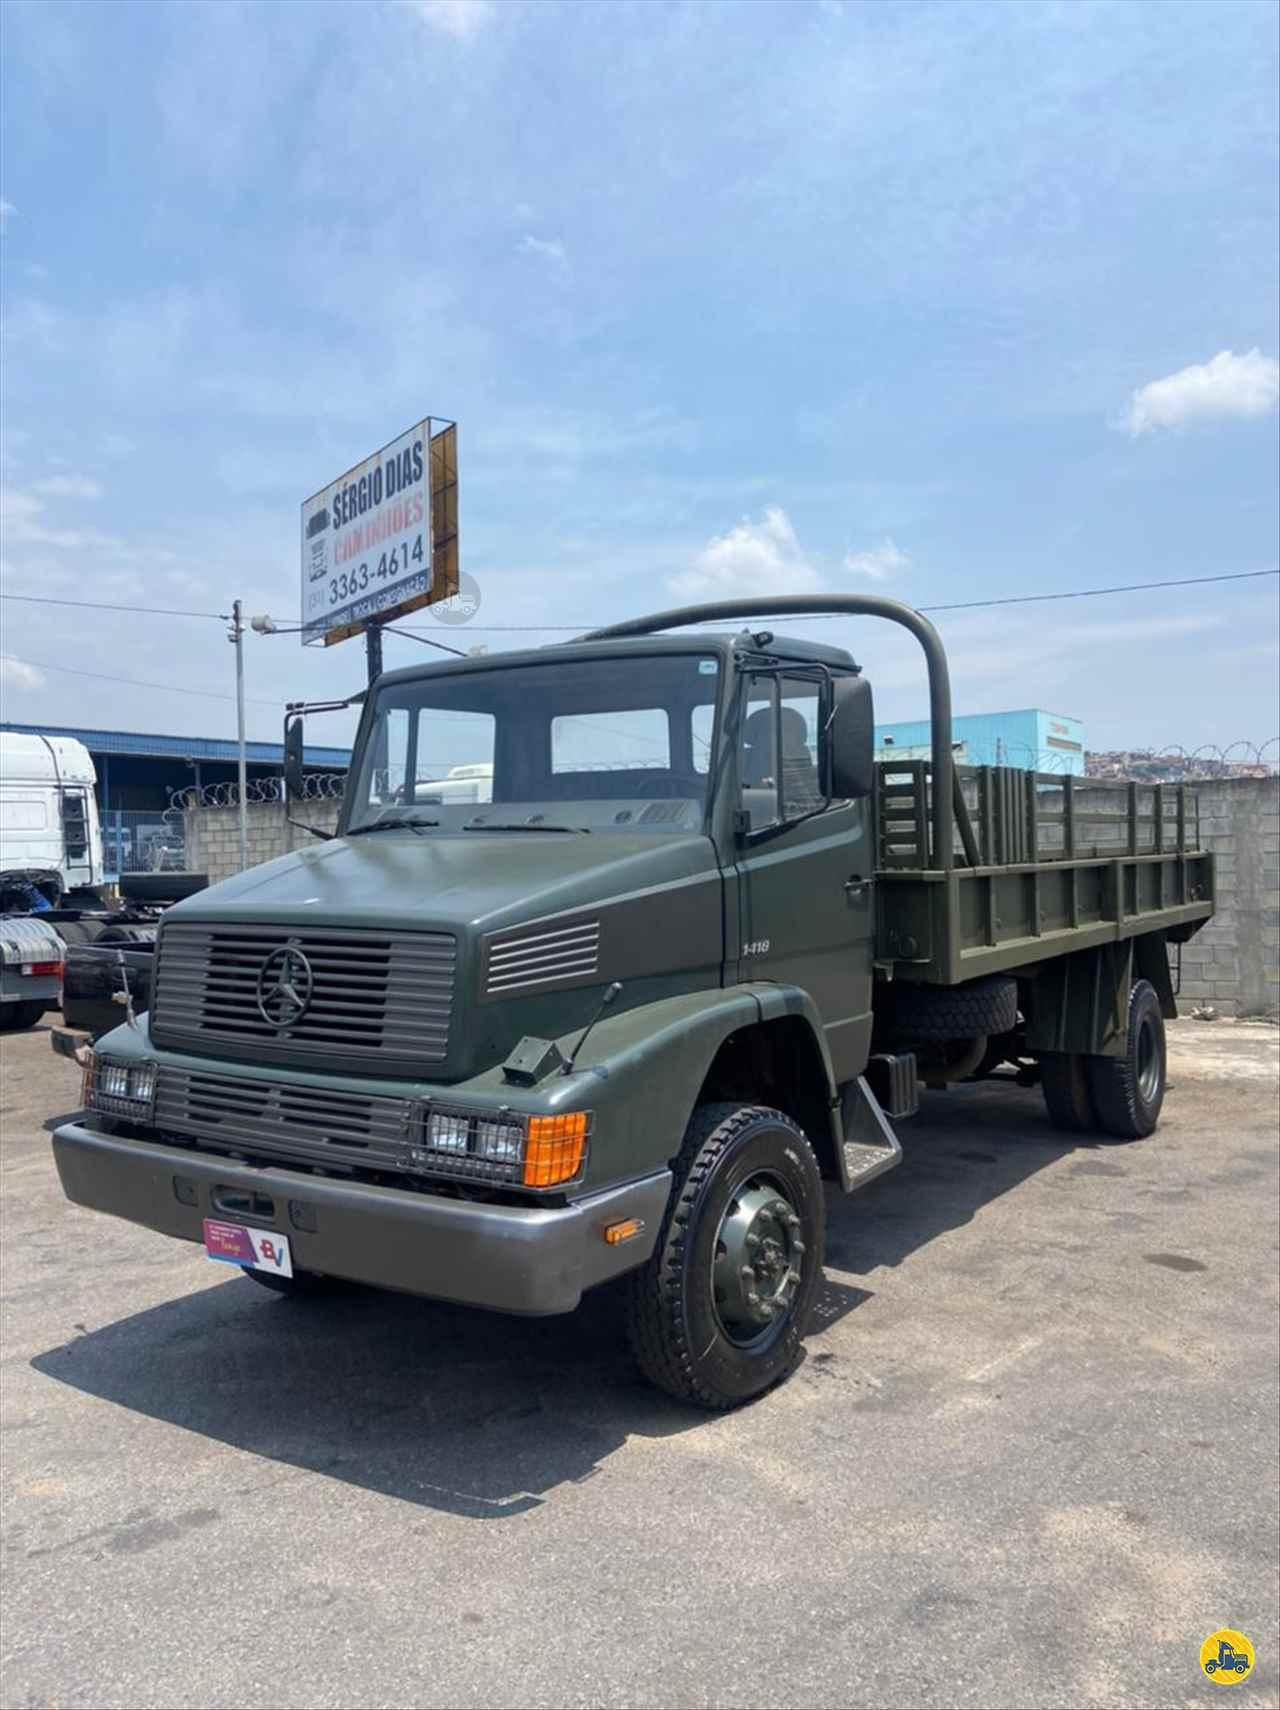 CAMINHAO MERCEDES-BENZ MB 1418 Carga Seca Toco 4x4 Gegê Caminhões CONTAGEM MINAS GERAIS MG